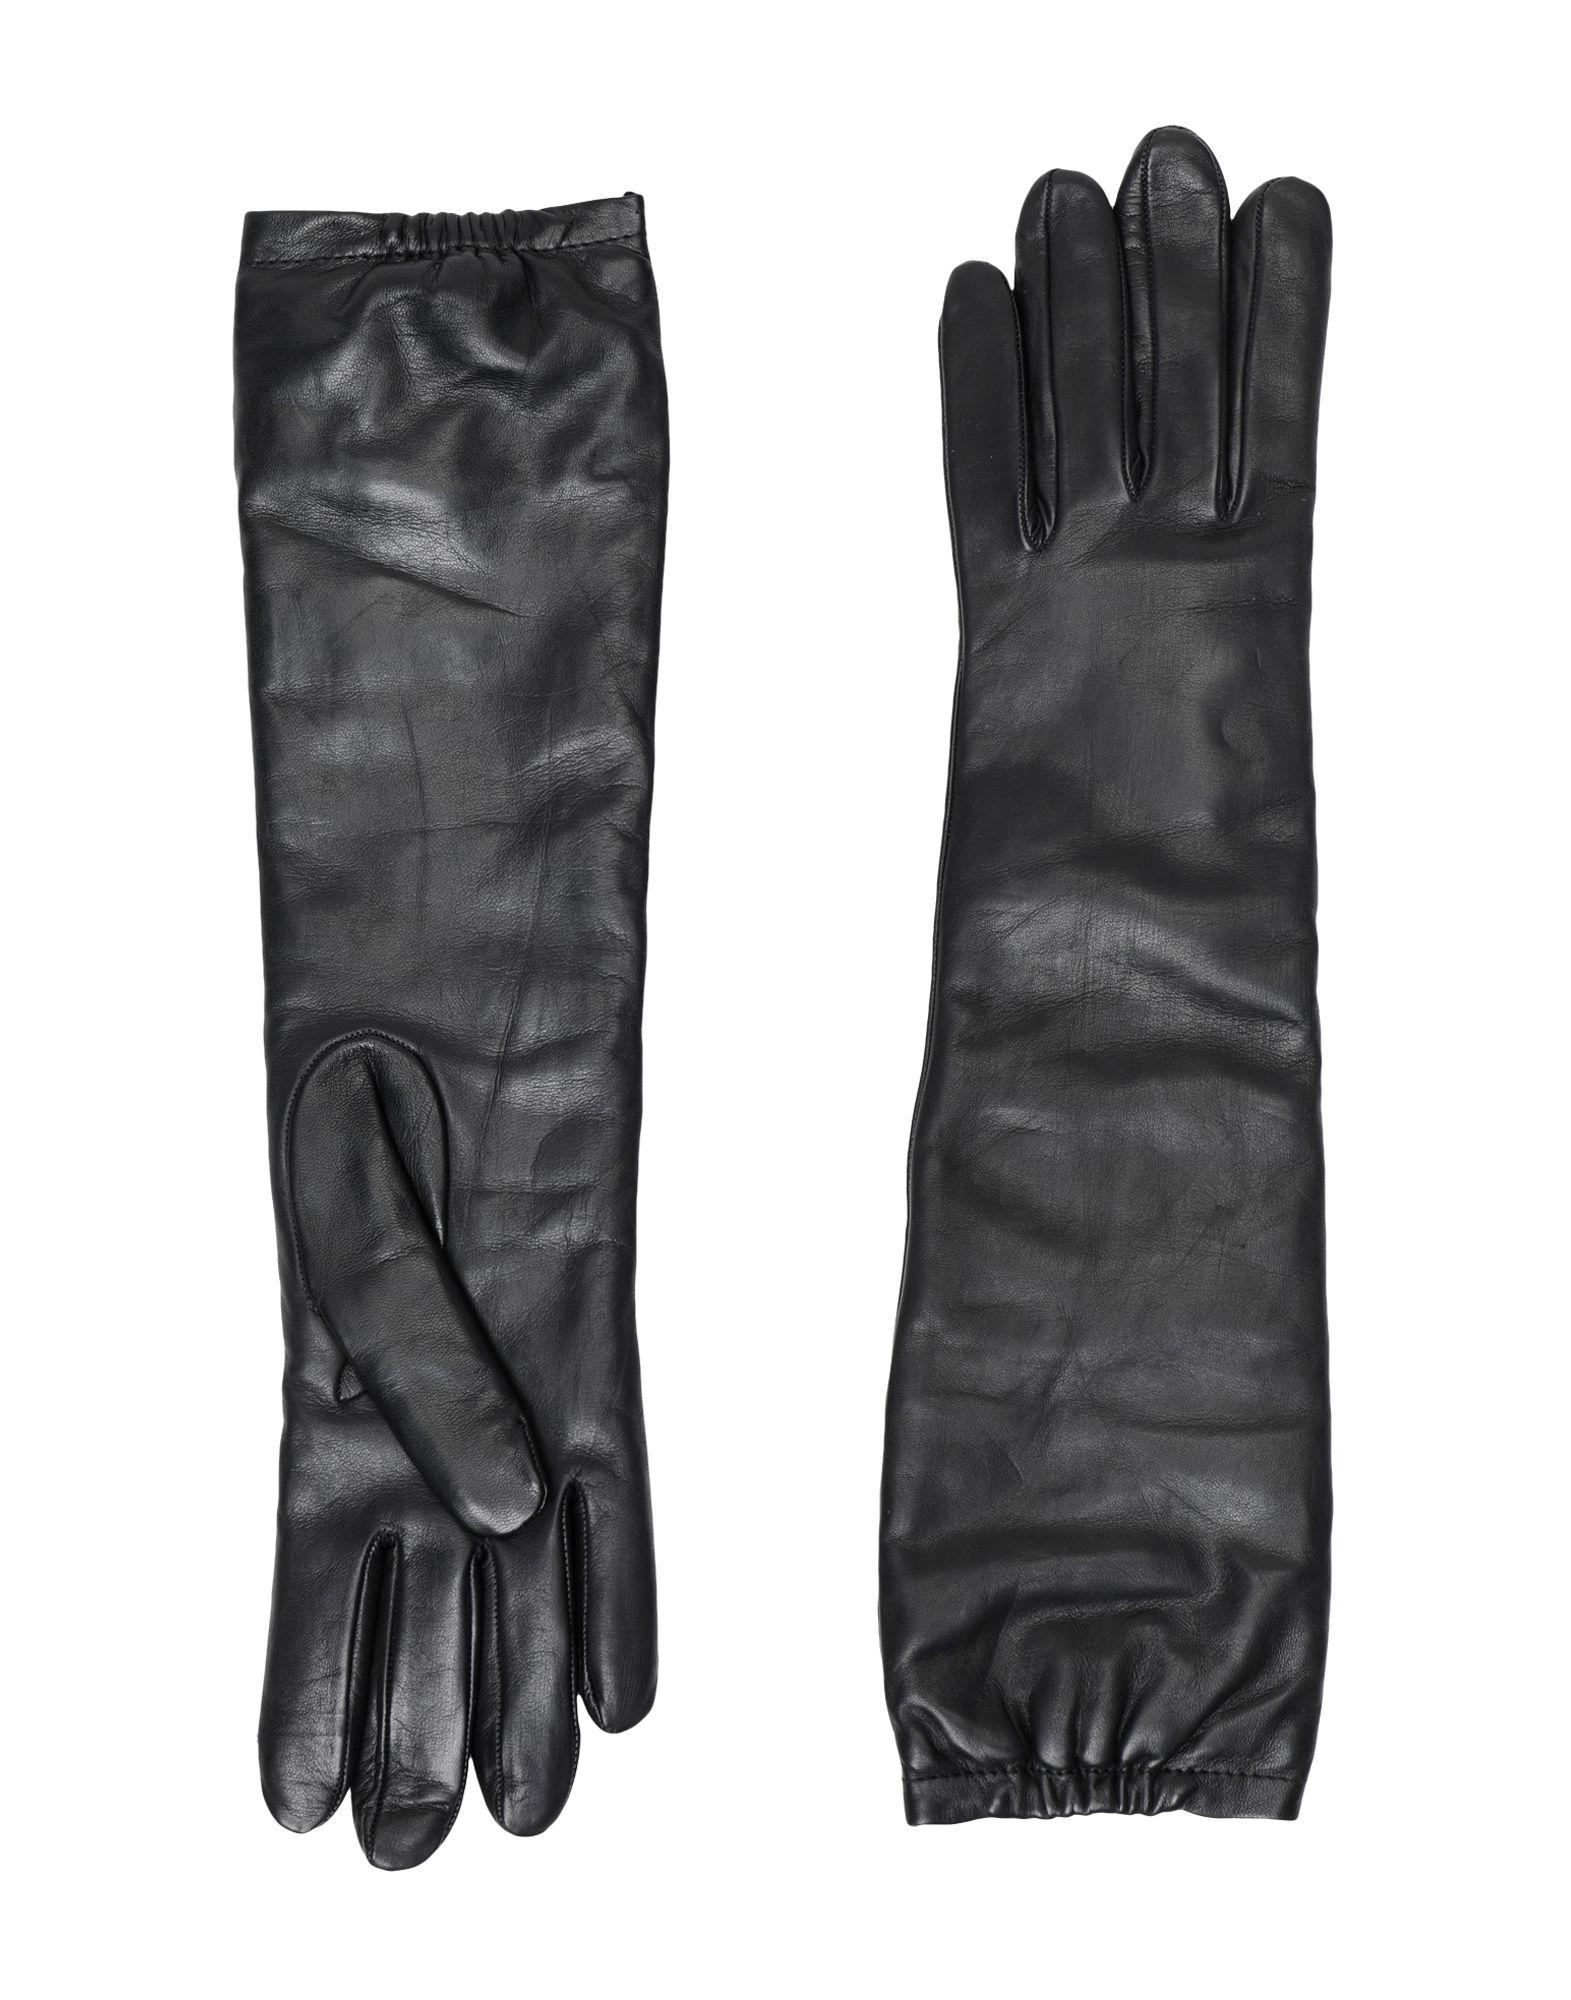 Фото - 8 by YOOX Перчатки защитные антистатические перчатки из углеродного волокна ermar erma